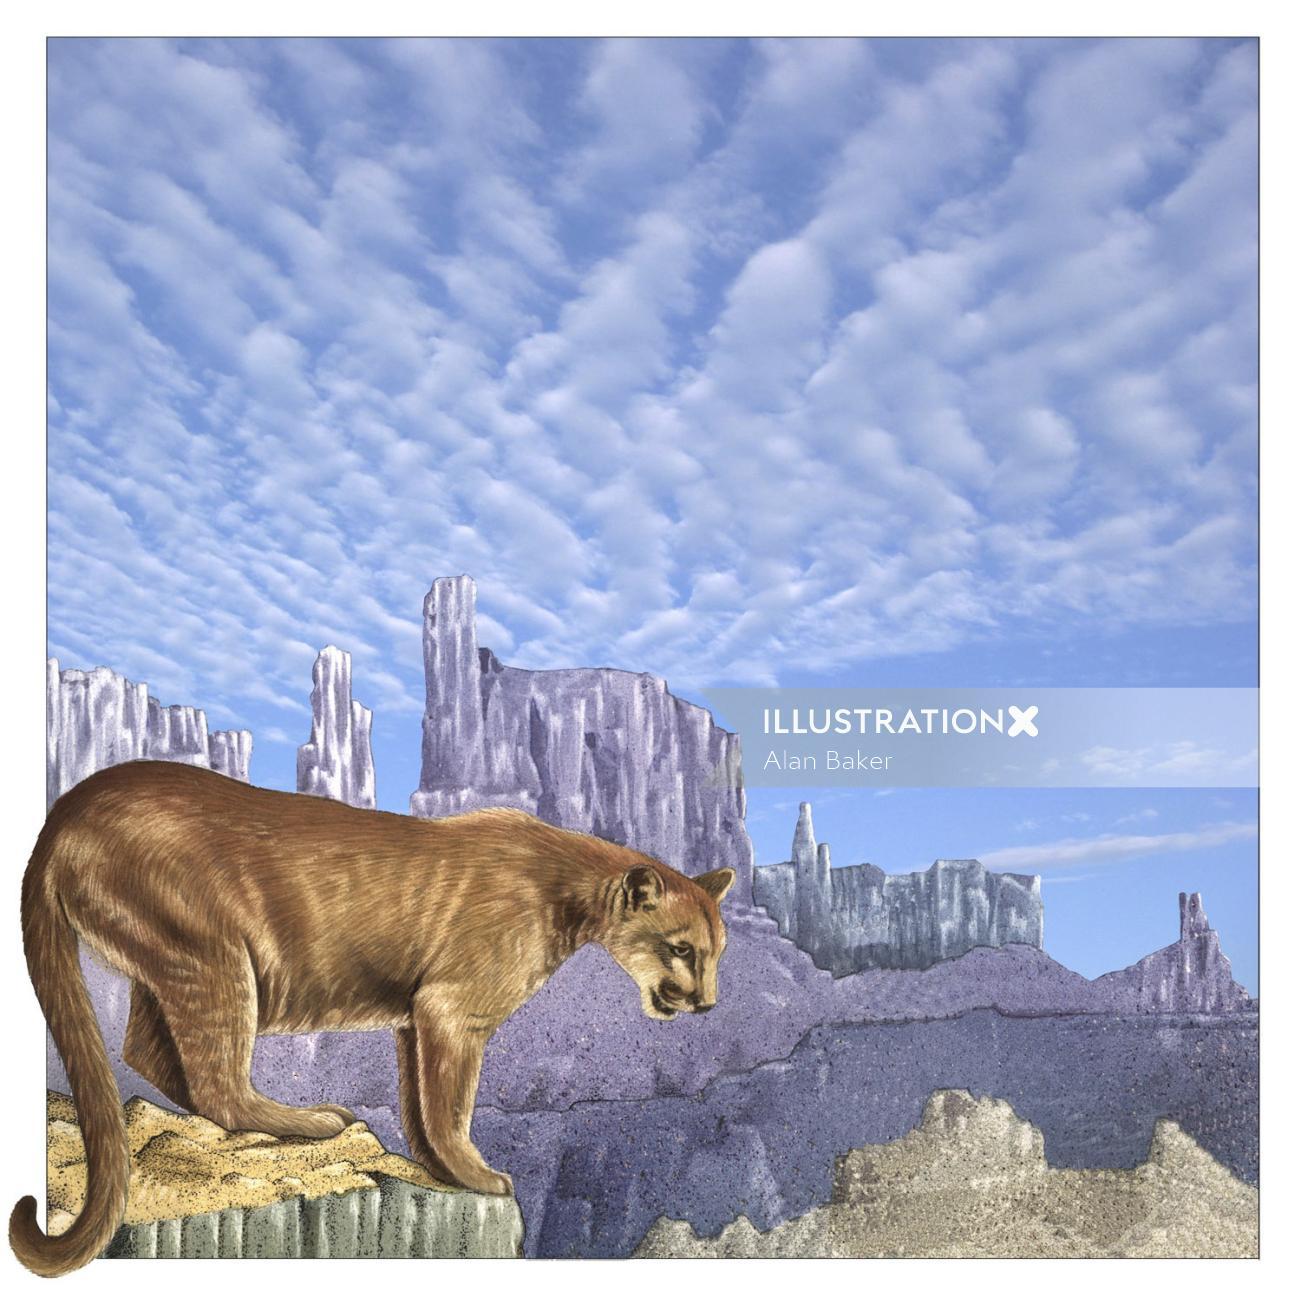 Illustration of puma animal on rocks